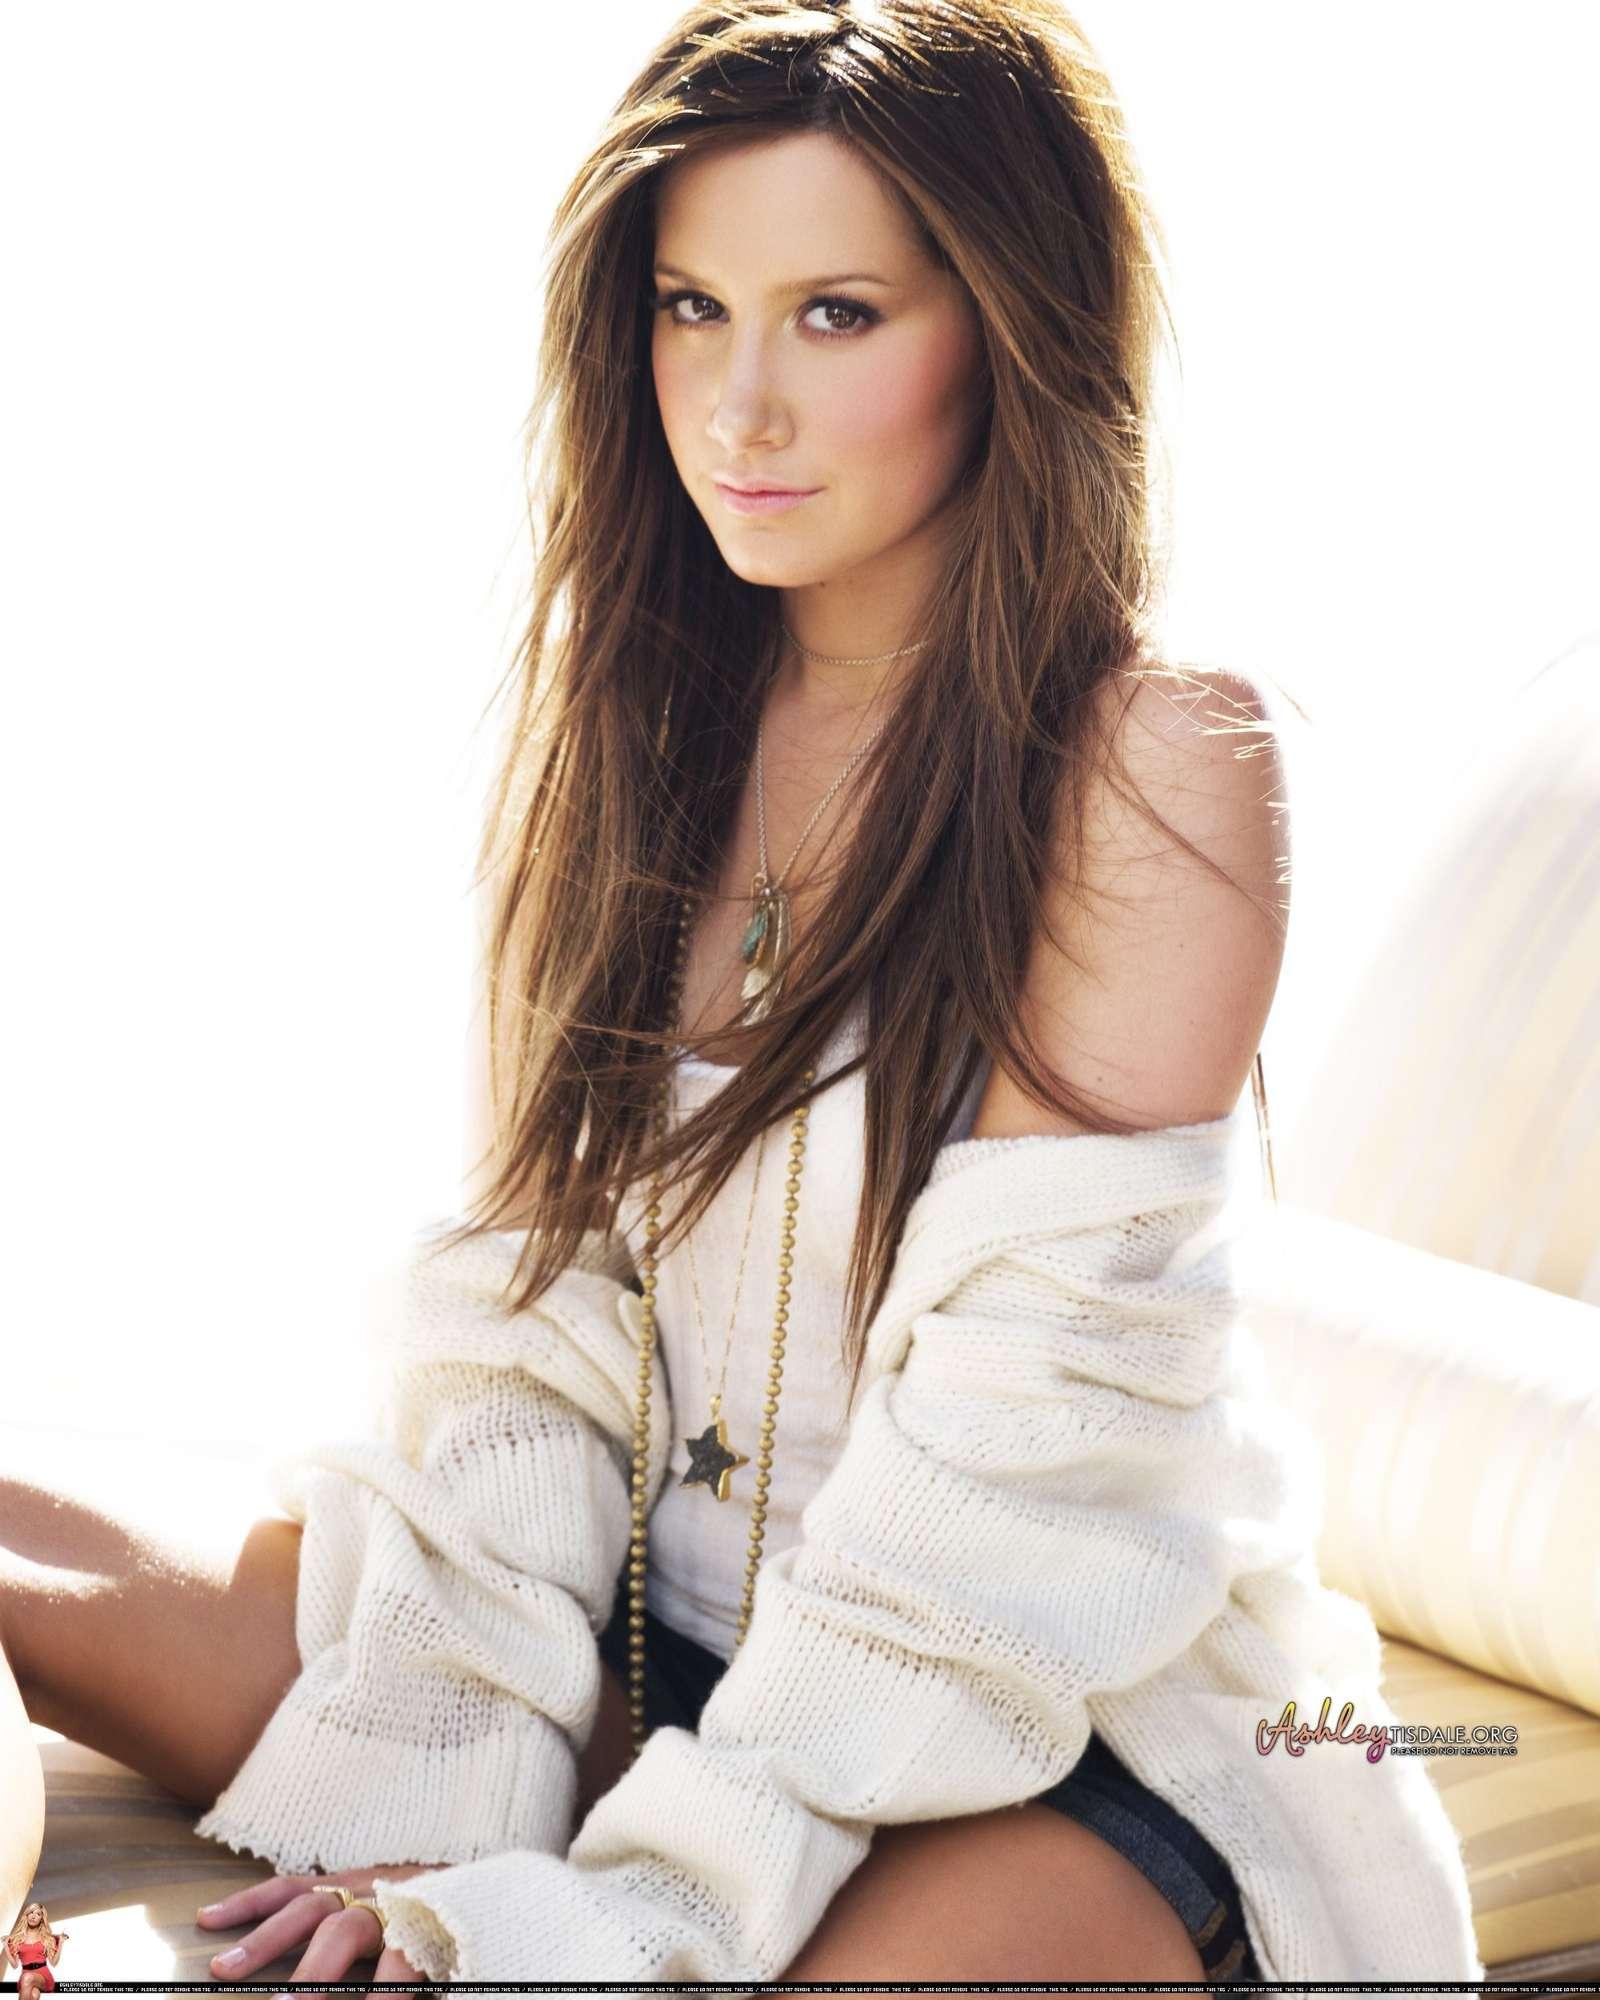 Ashley Tisdale Guilty Pleasure Photo Shoot | Foto Bugil ...